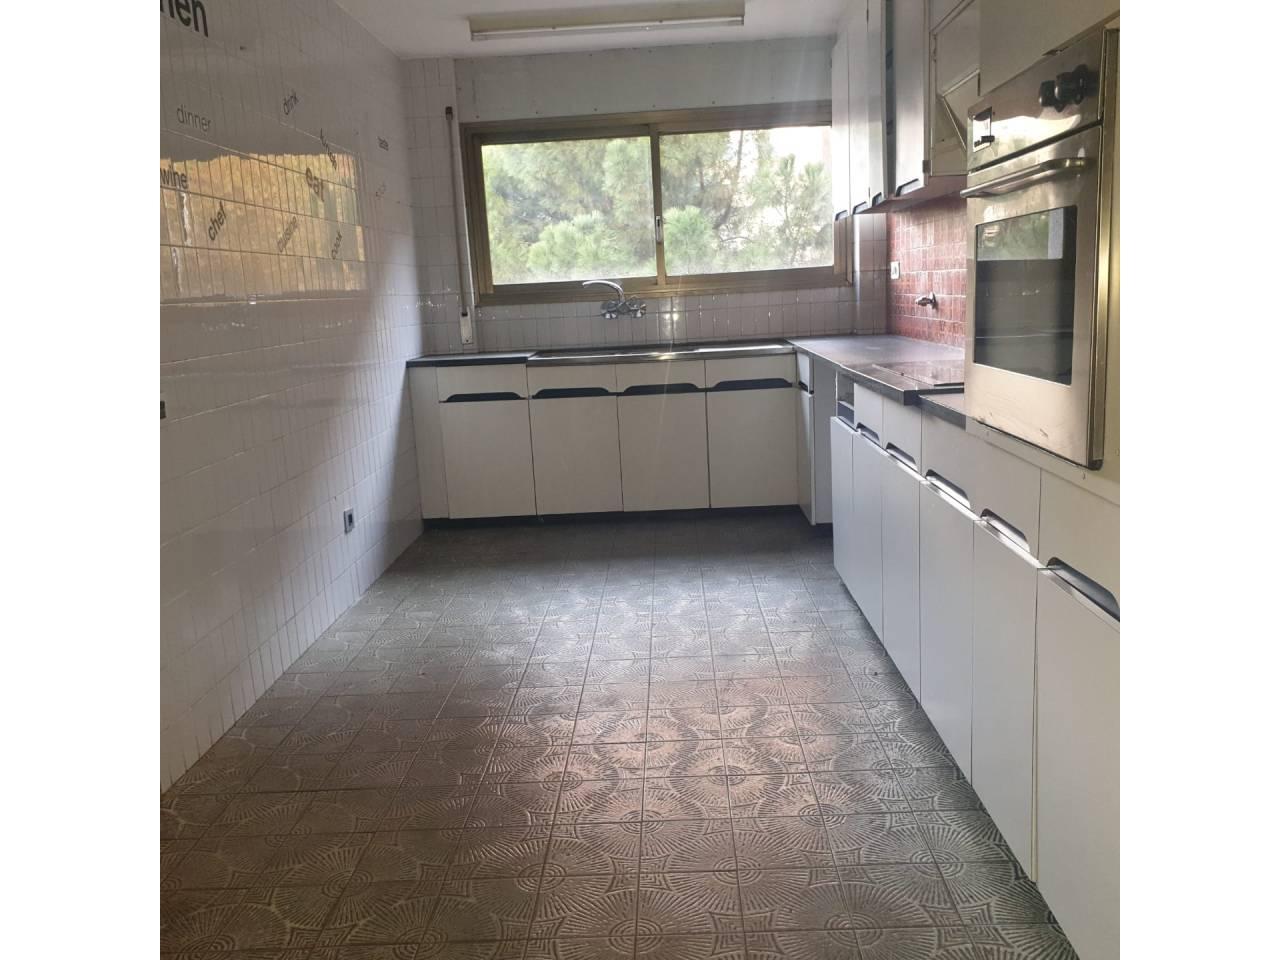 Piso  Calle passeig pere iii. Señorial piso de unos 150 m2, en buen estado,  con cocina de 15